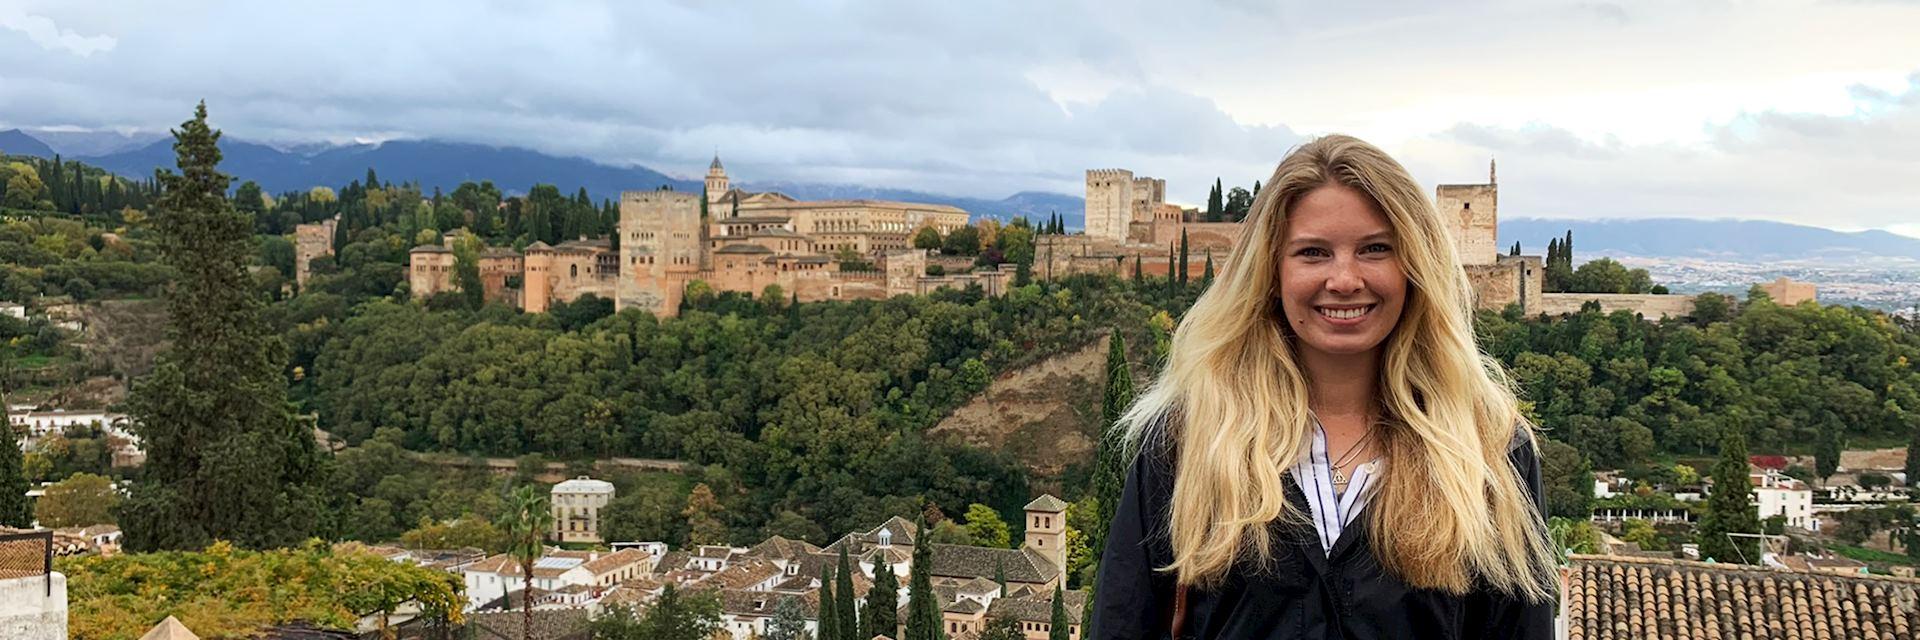 Sarah at the Alhambra, Granada, Spain